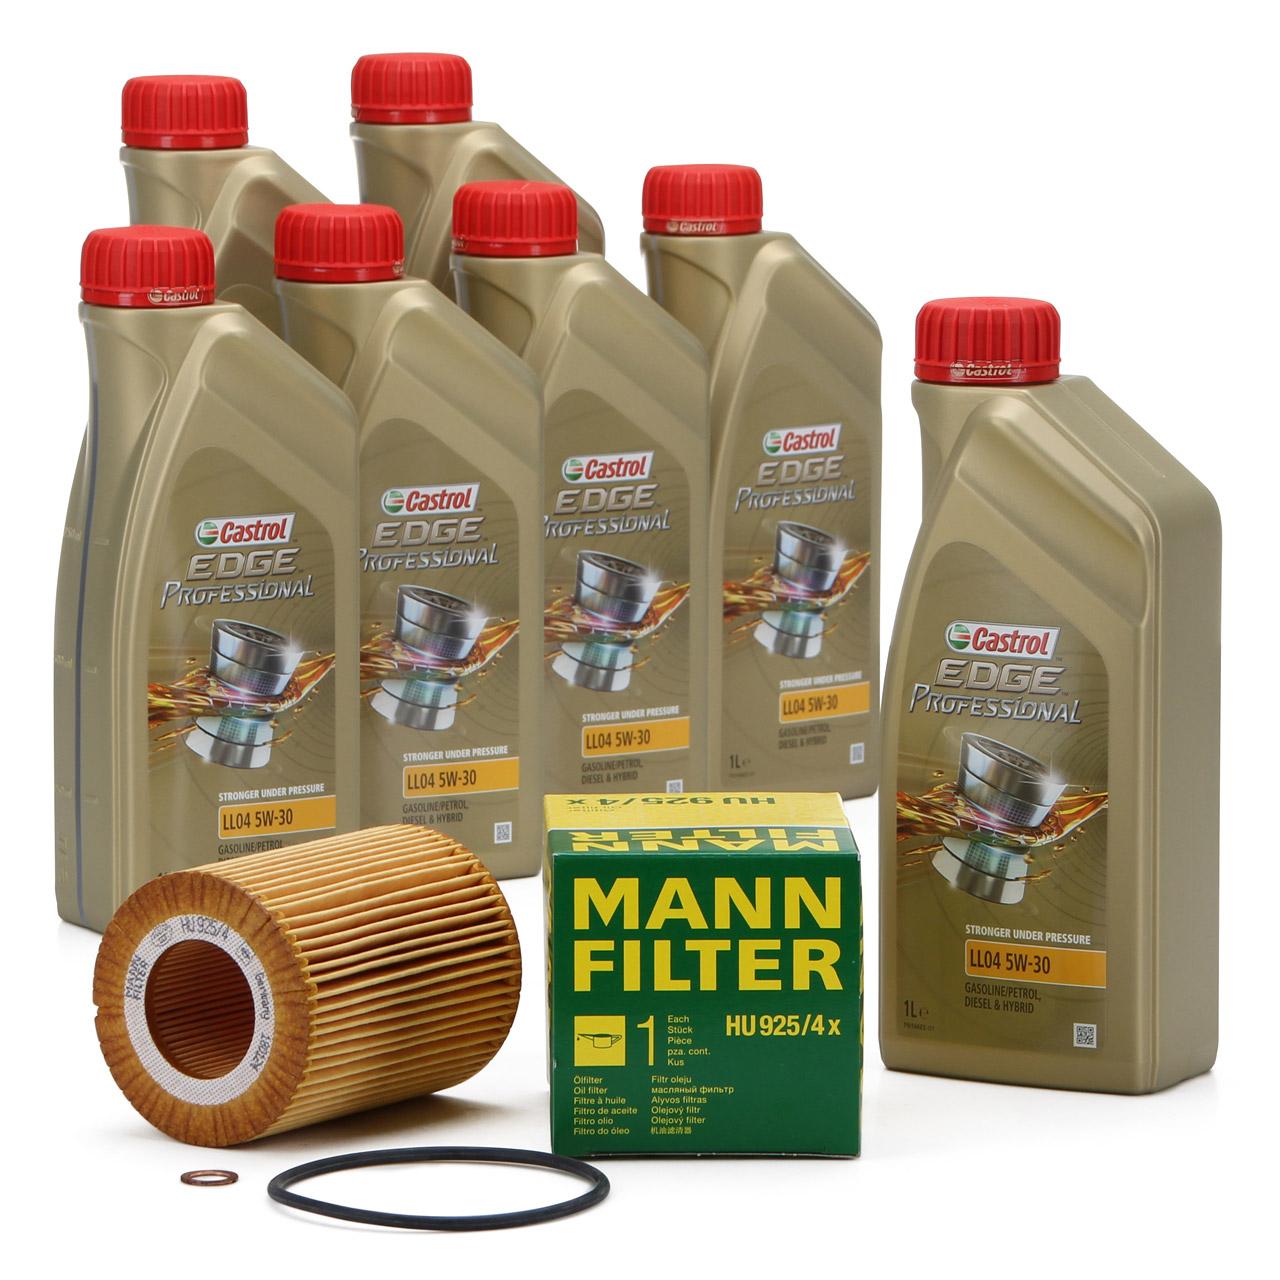 CASTROL EDGE Professional Motoröl Öl LL04 5W-30 7L + MANN Ölfilter HU925/4x